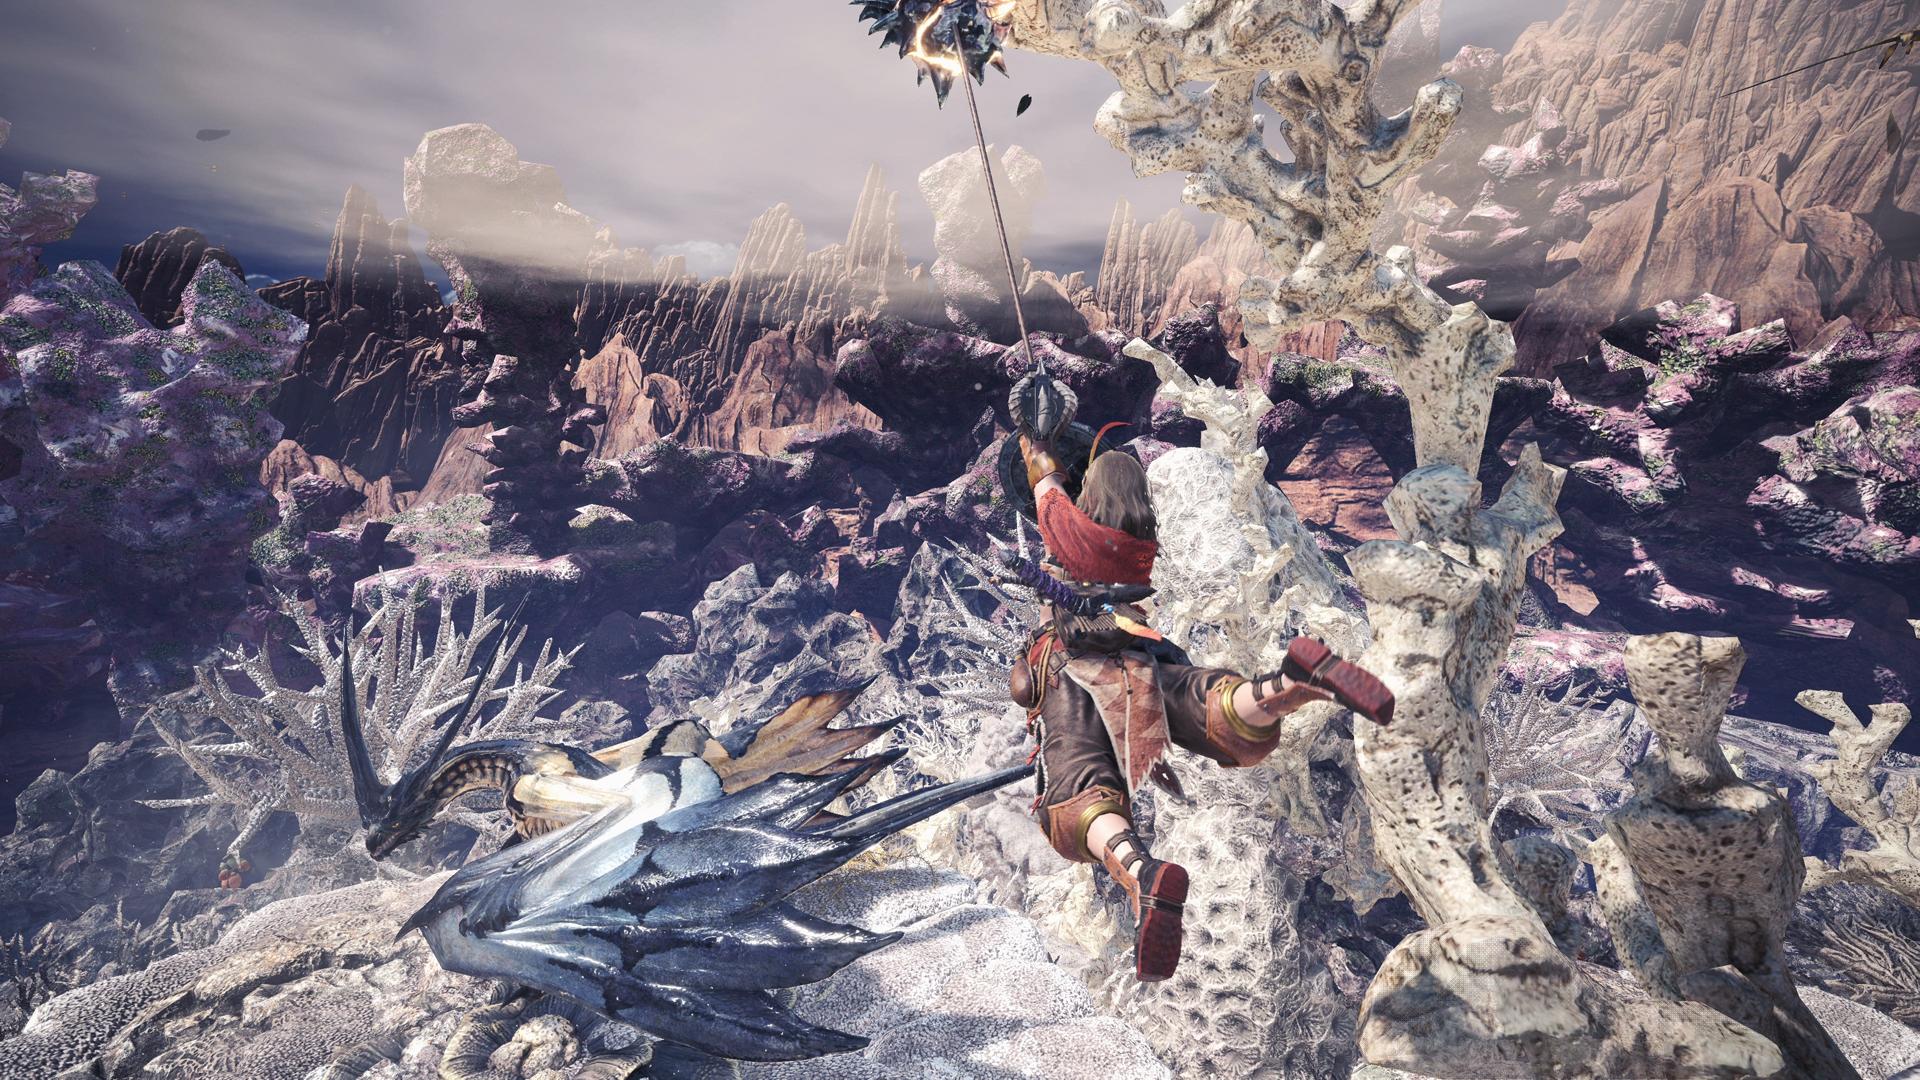 怪物猎人:世界-冰原- V15.11.01-全DLC豪华版-(官中)-至少100g空间-百度云盘插图9